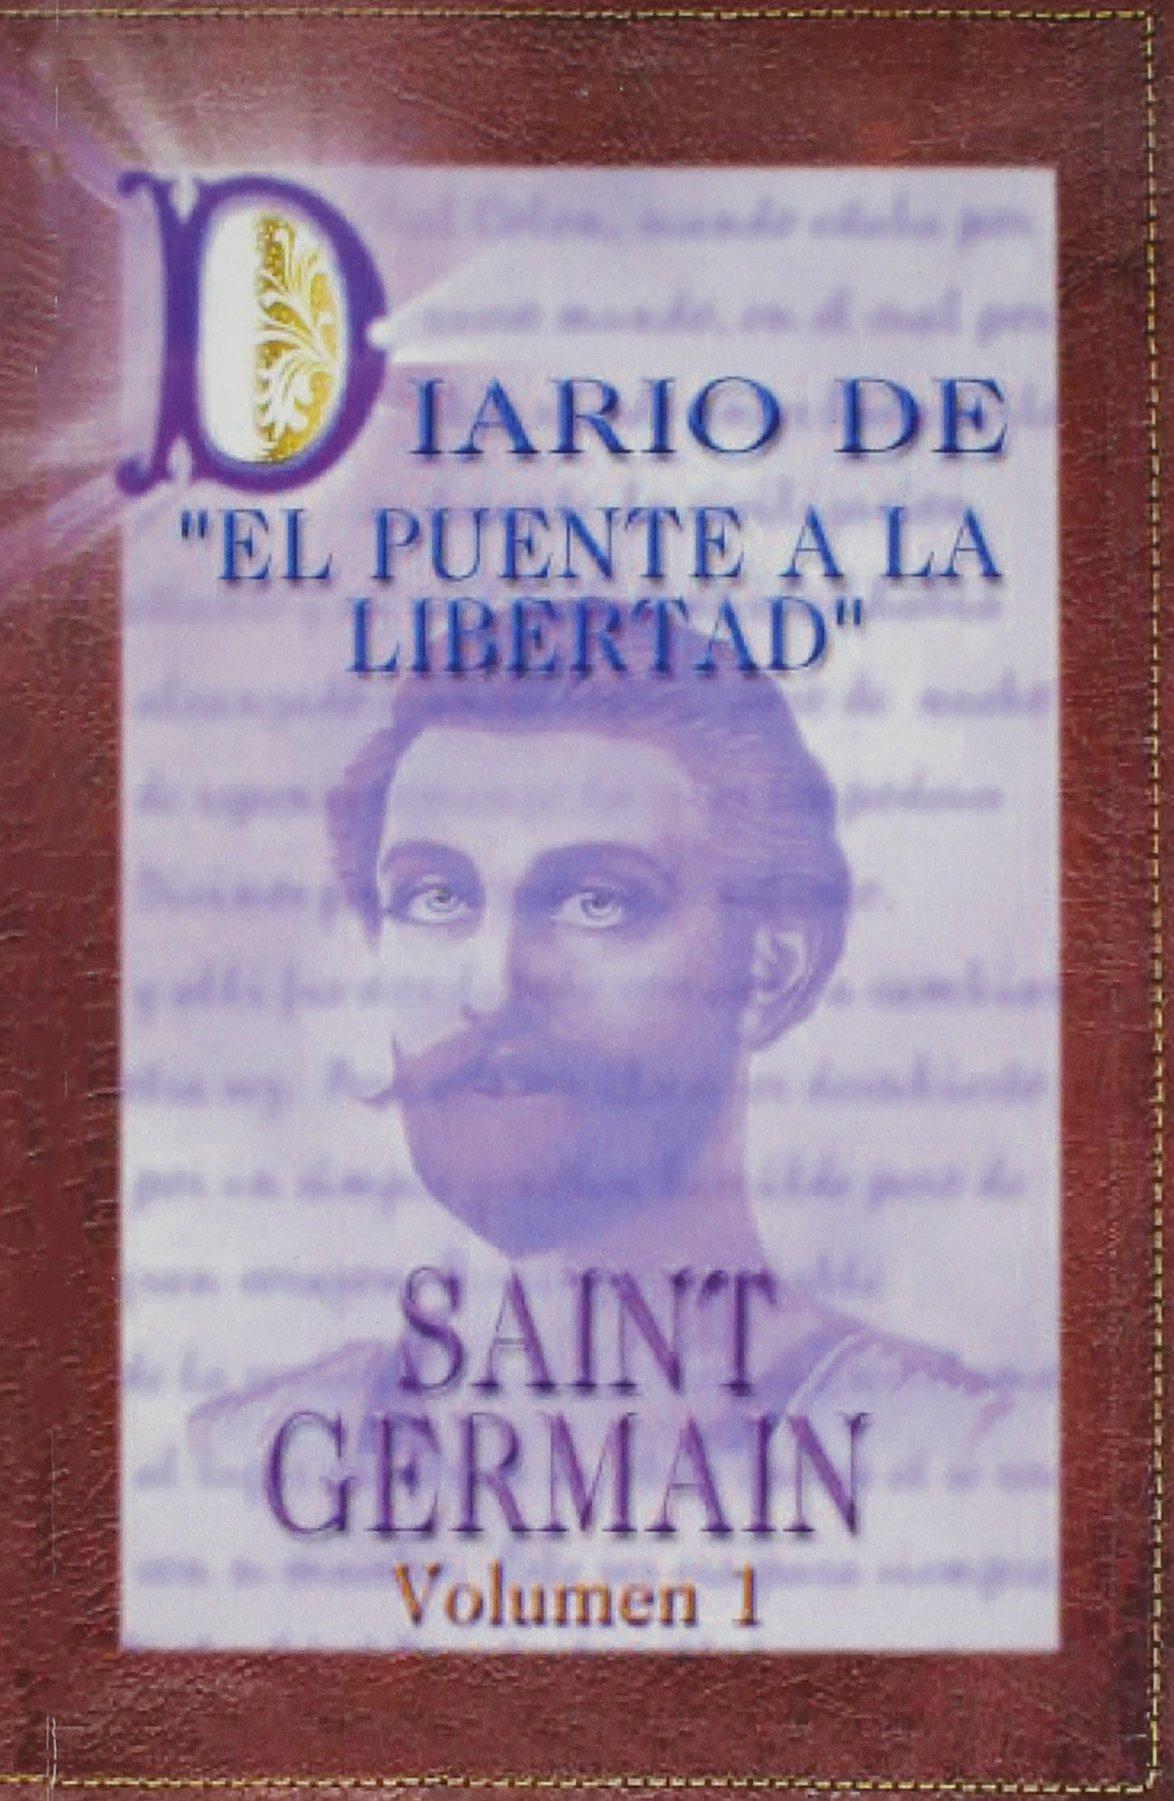 Diario de El Puente a la Libertad/Saint Germain vol  1